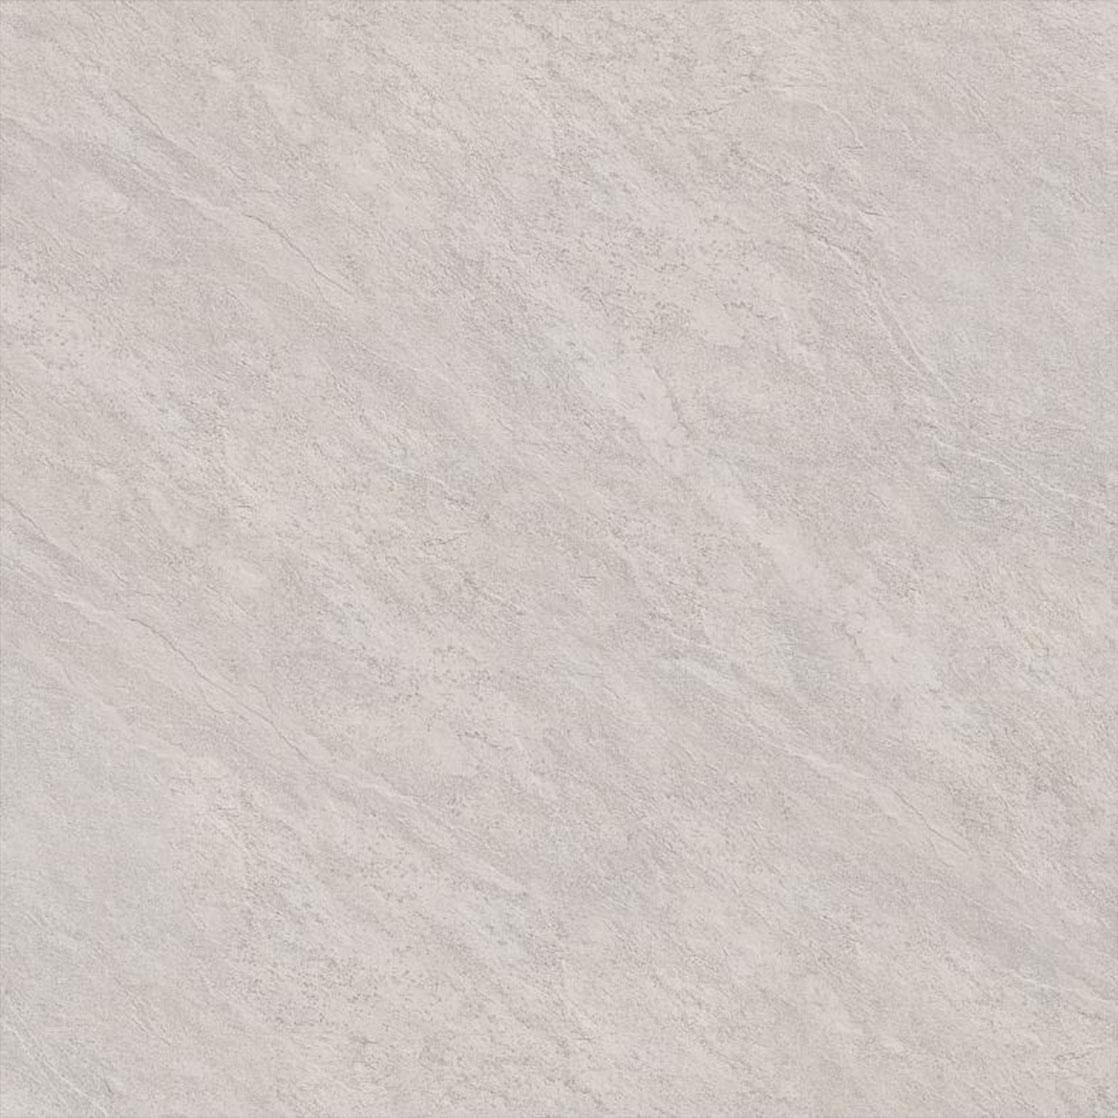 Gạch lát nền 600x600 Viglacera KHP6905M giá rẻ